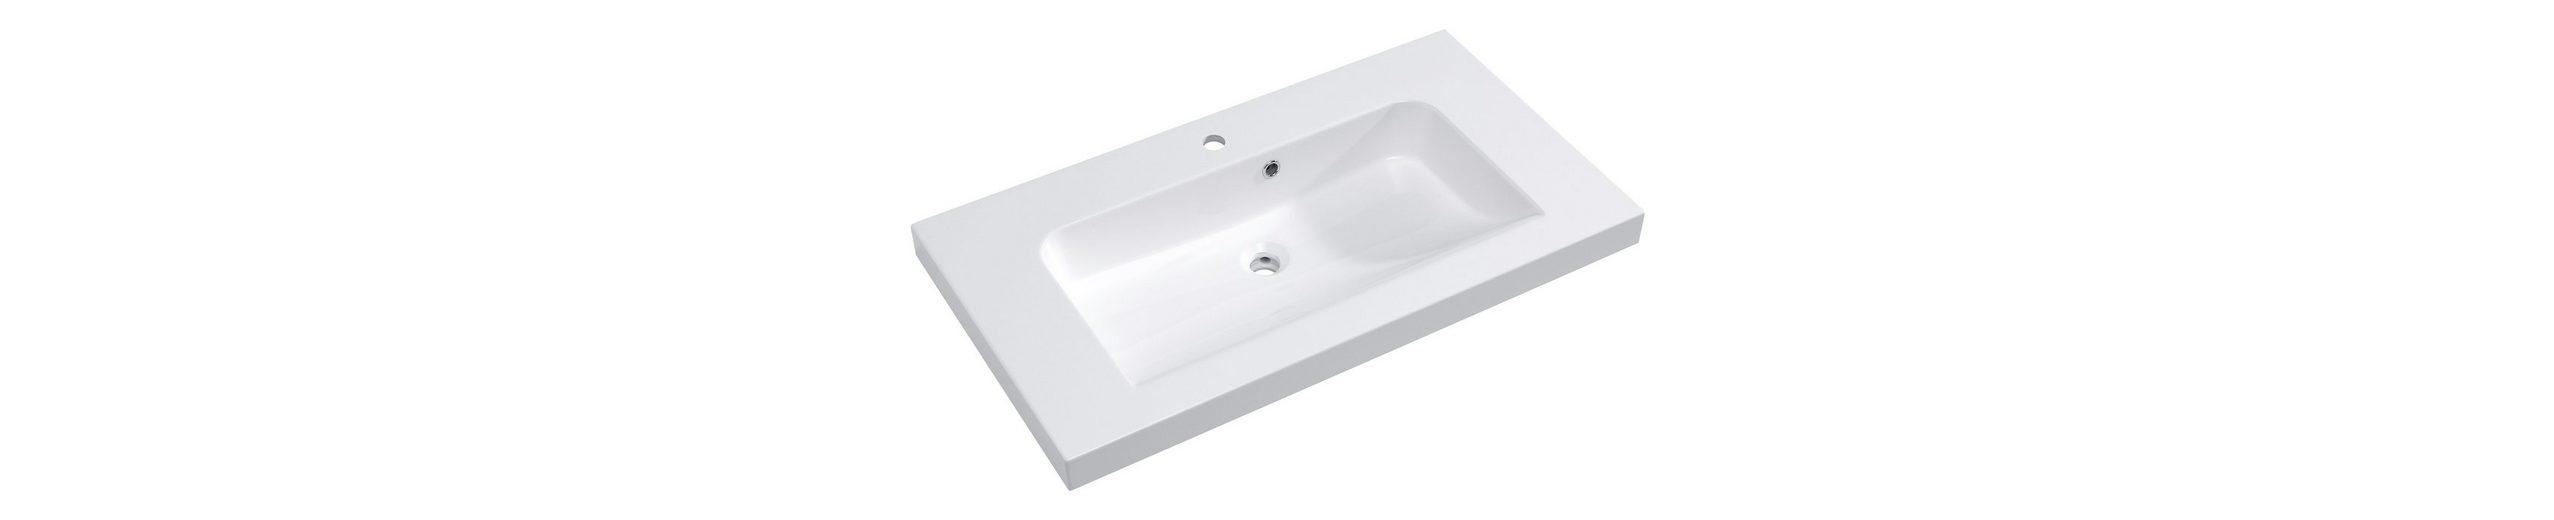 Mineralguss Waschtisch / Waschbecken »Balto« 91 cm